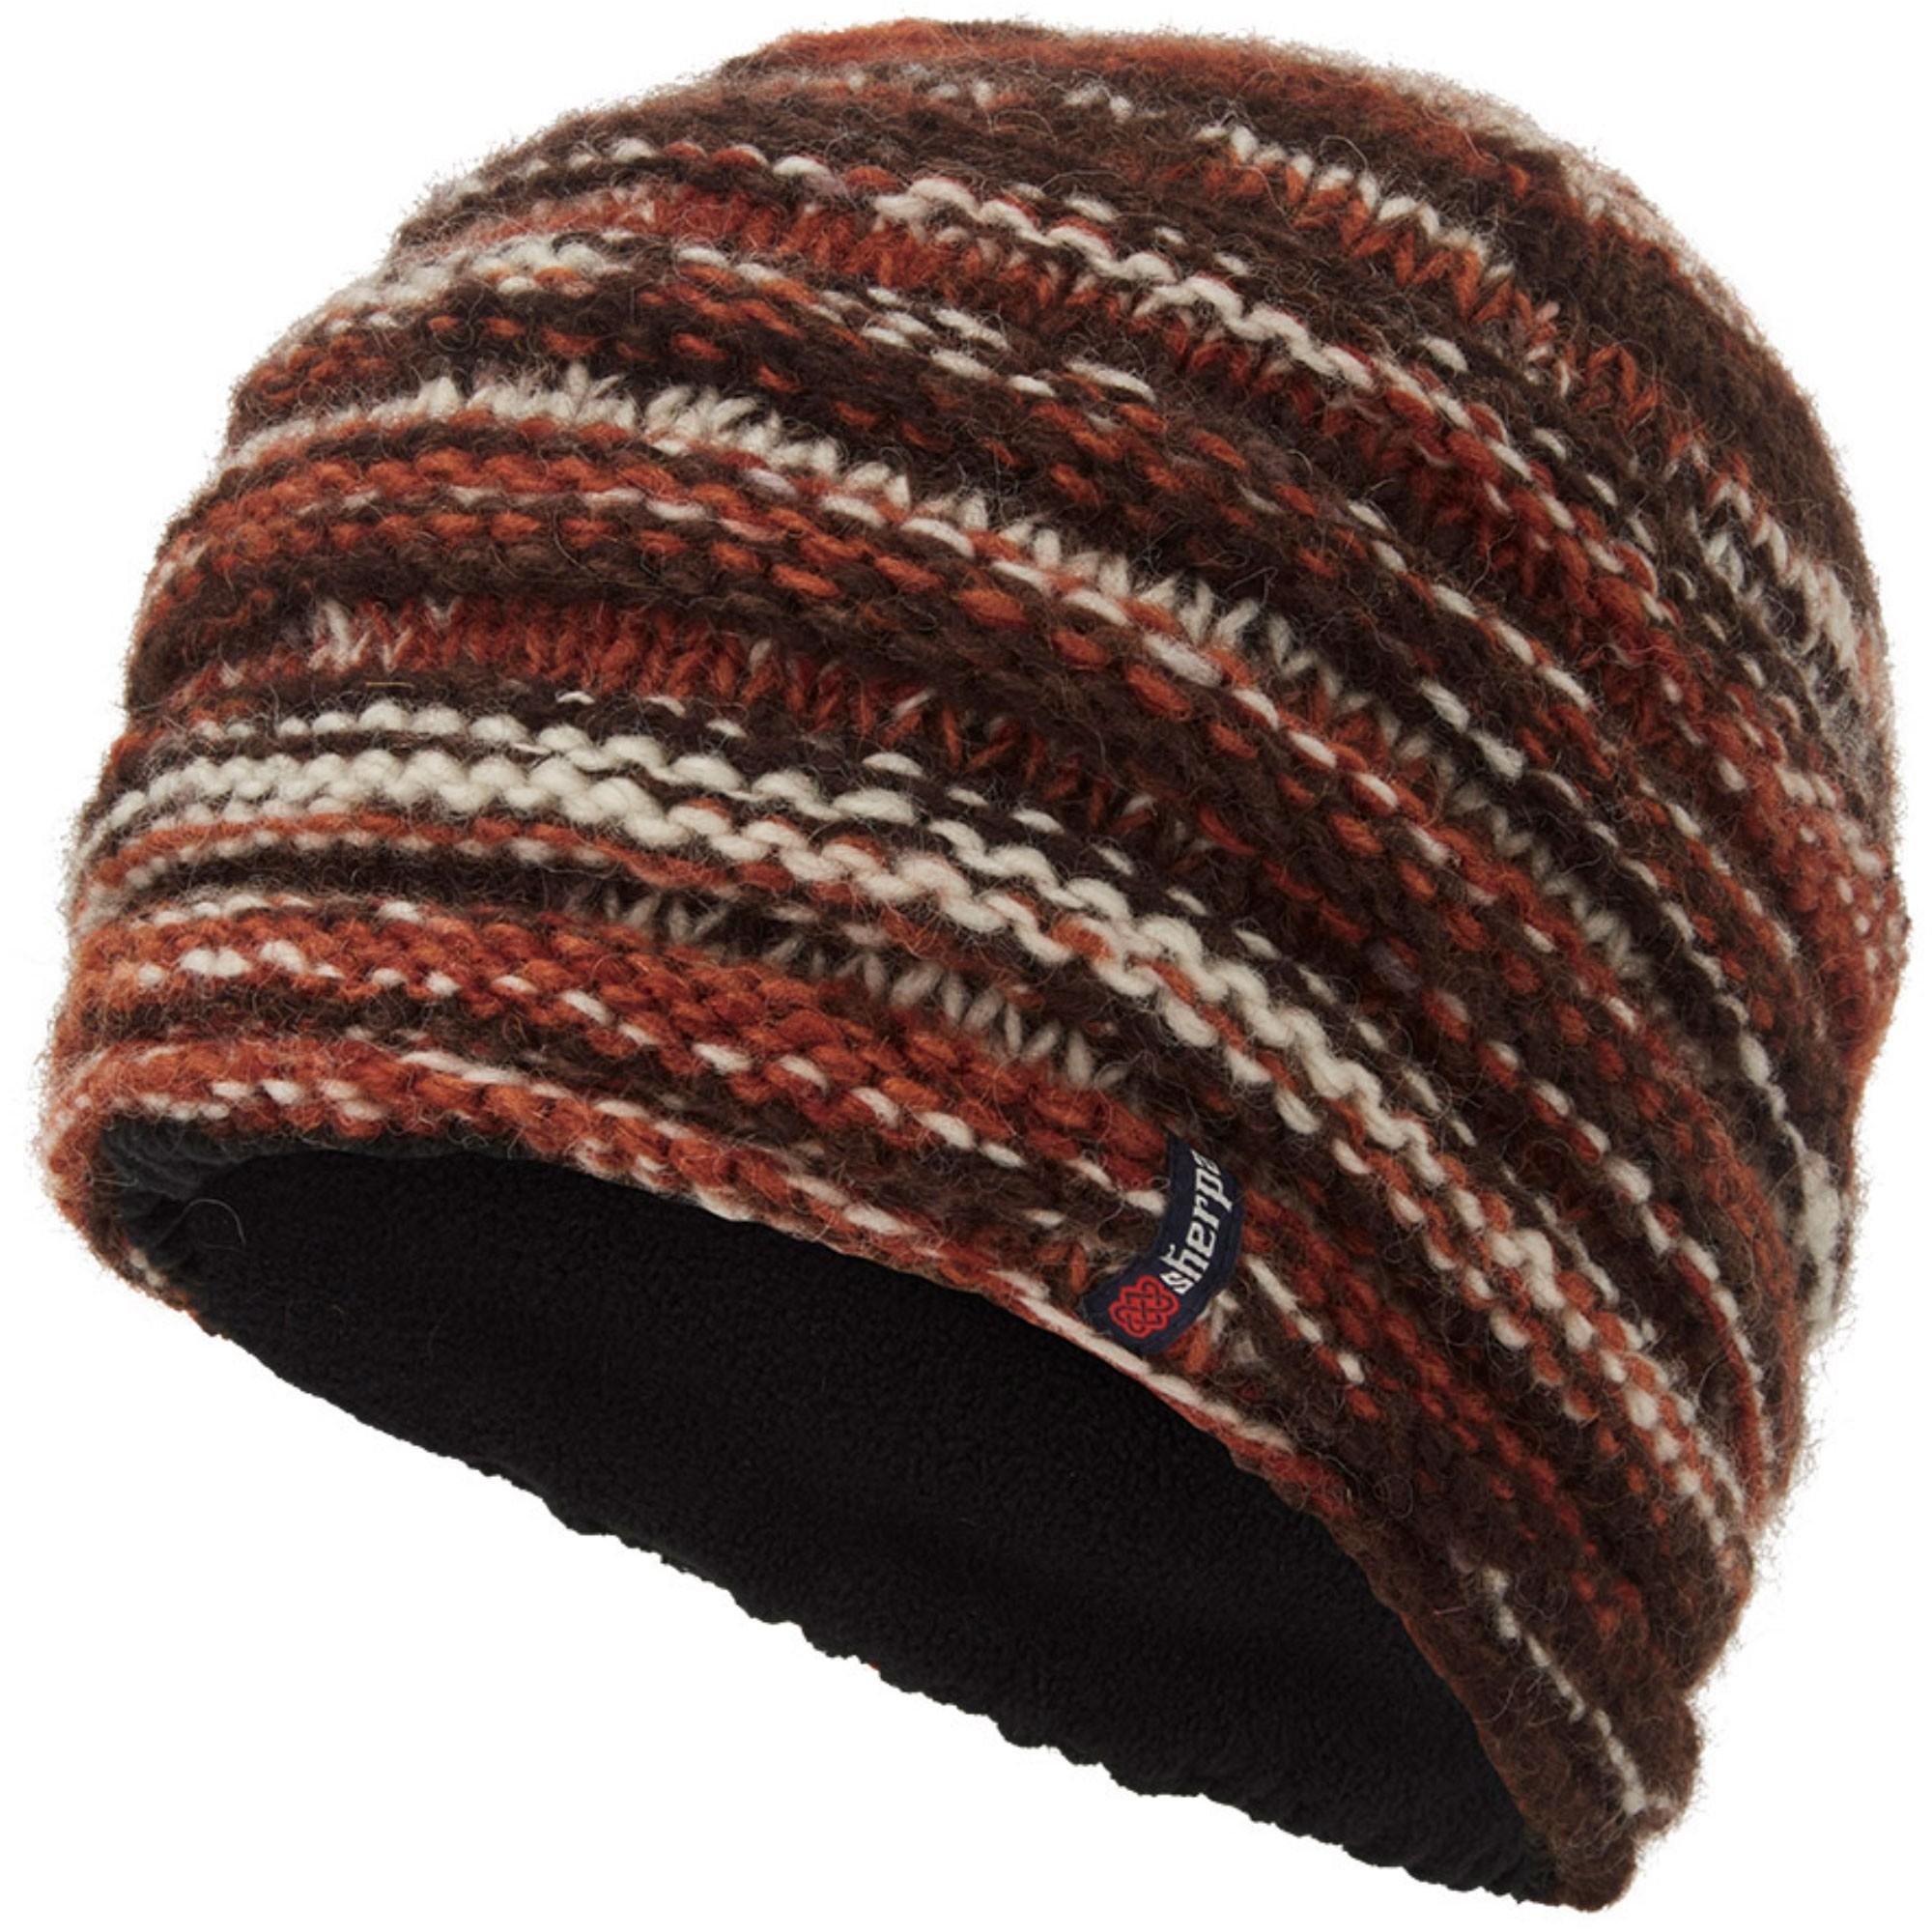 Sherpa-Adventure-Gear-Rimjhim-Hat-Tongba-W17